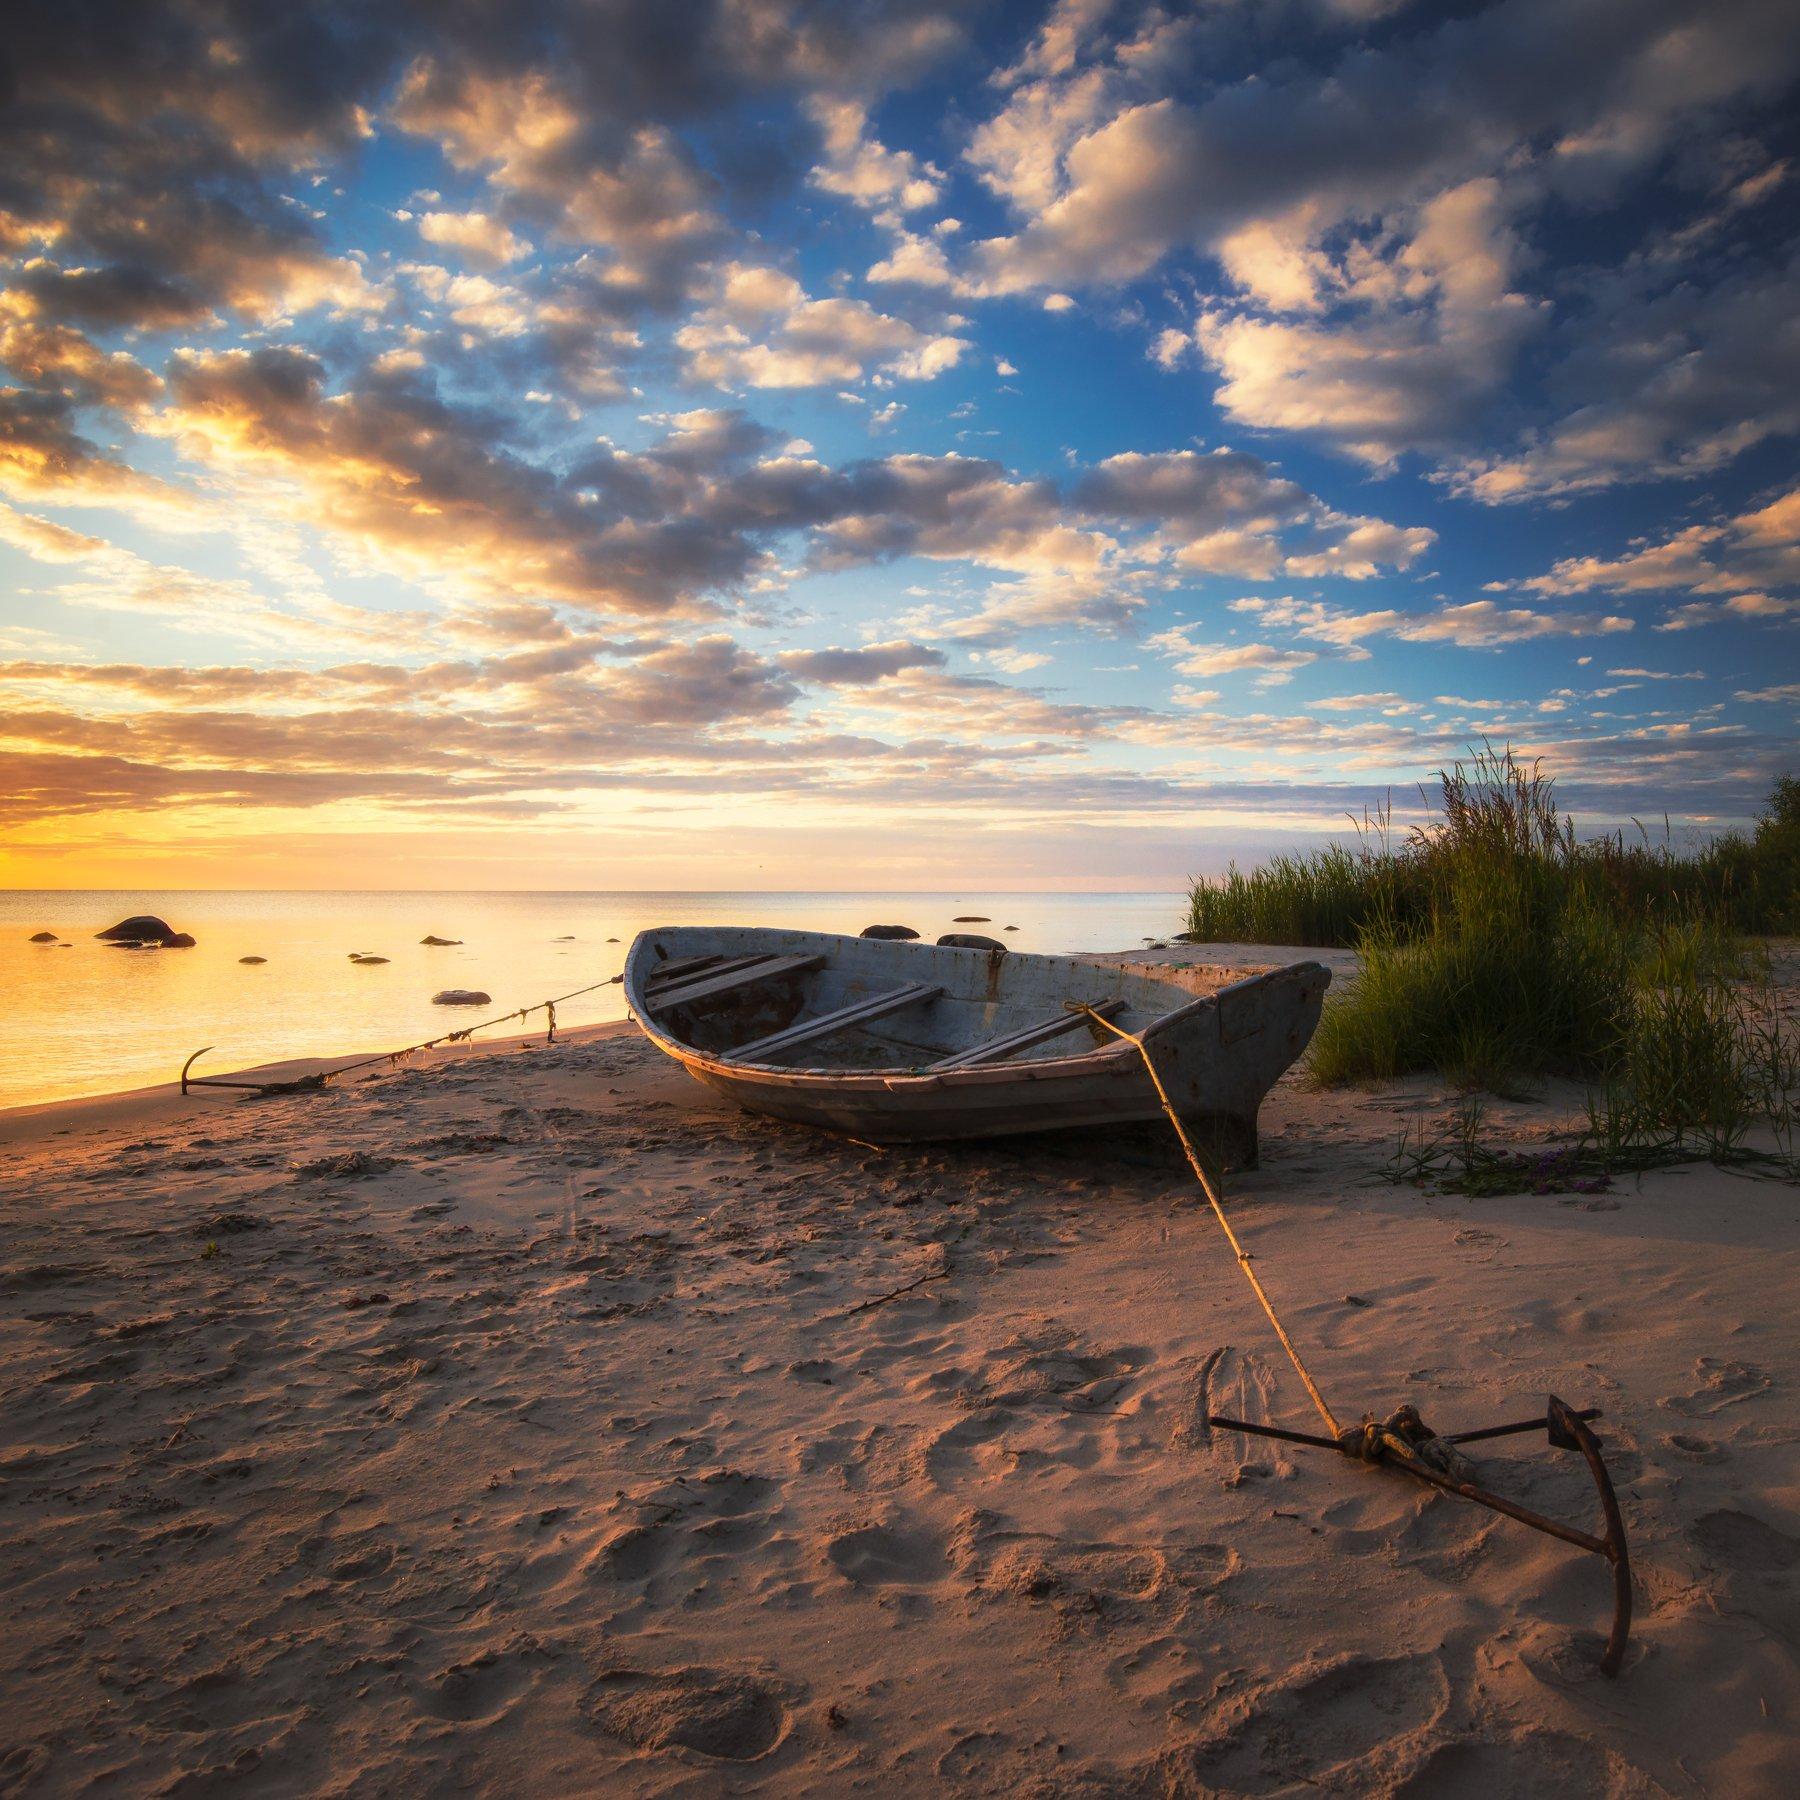 море,пляж,лето,лодка,пейзаж,landscape,beach,sunrise,sea, Olegs Bucis